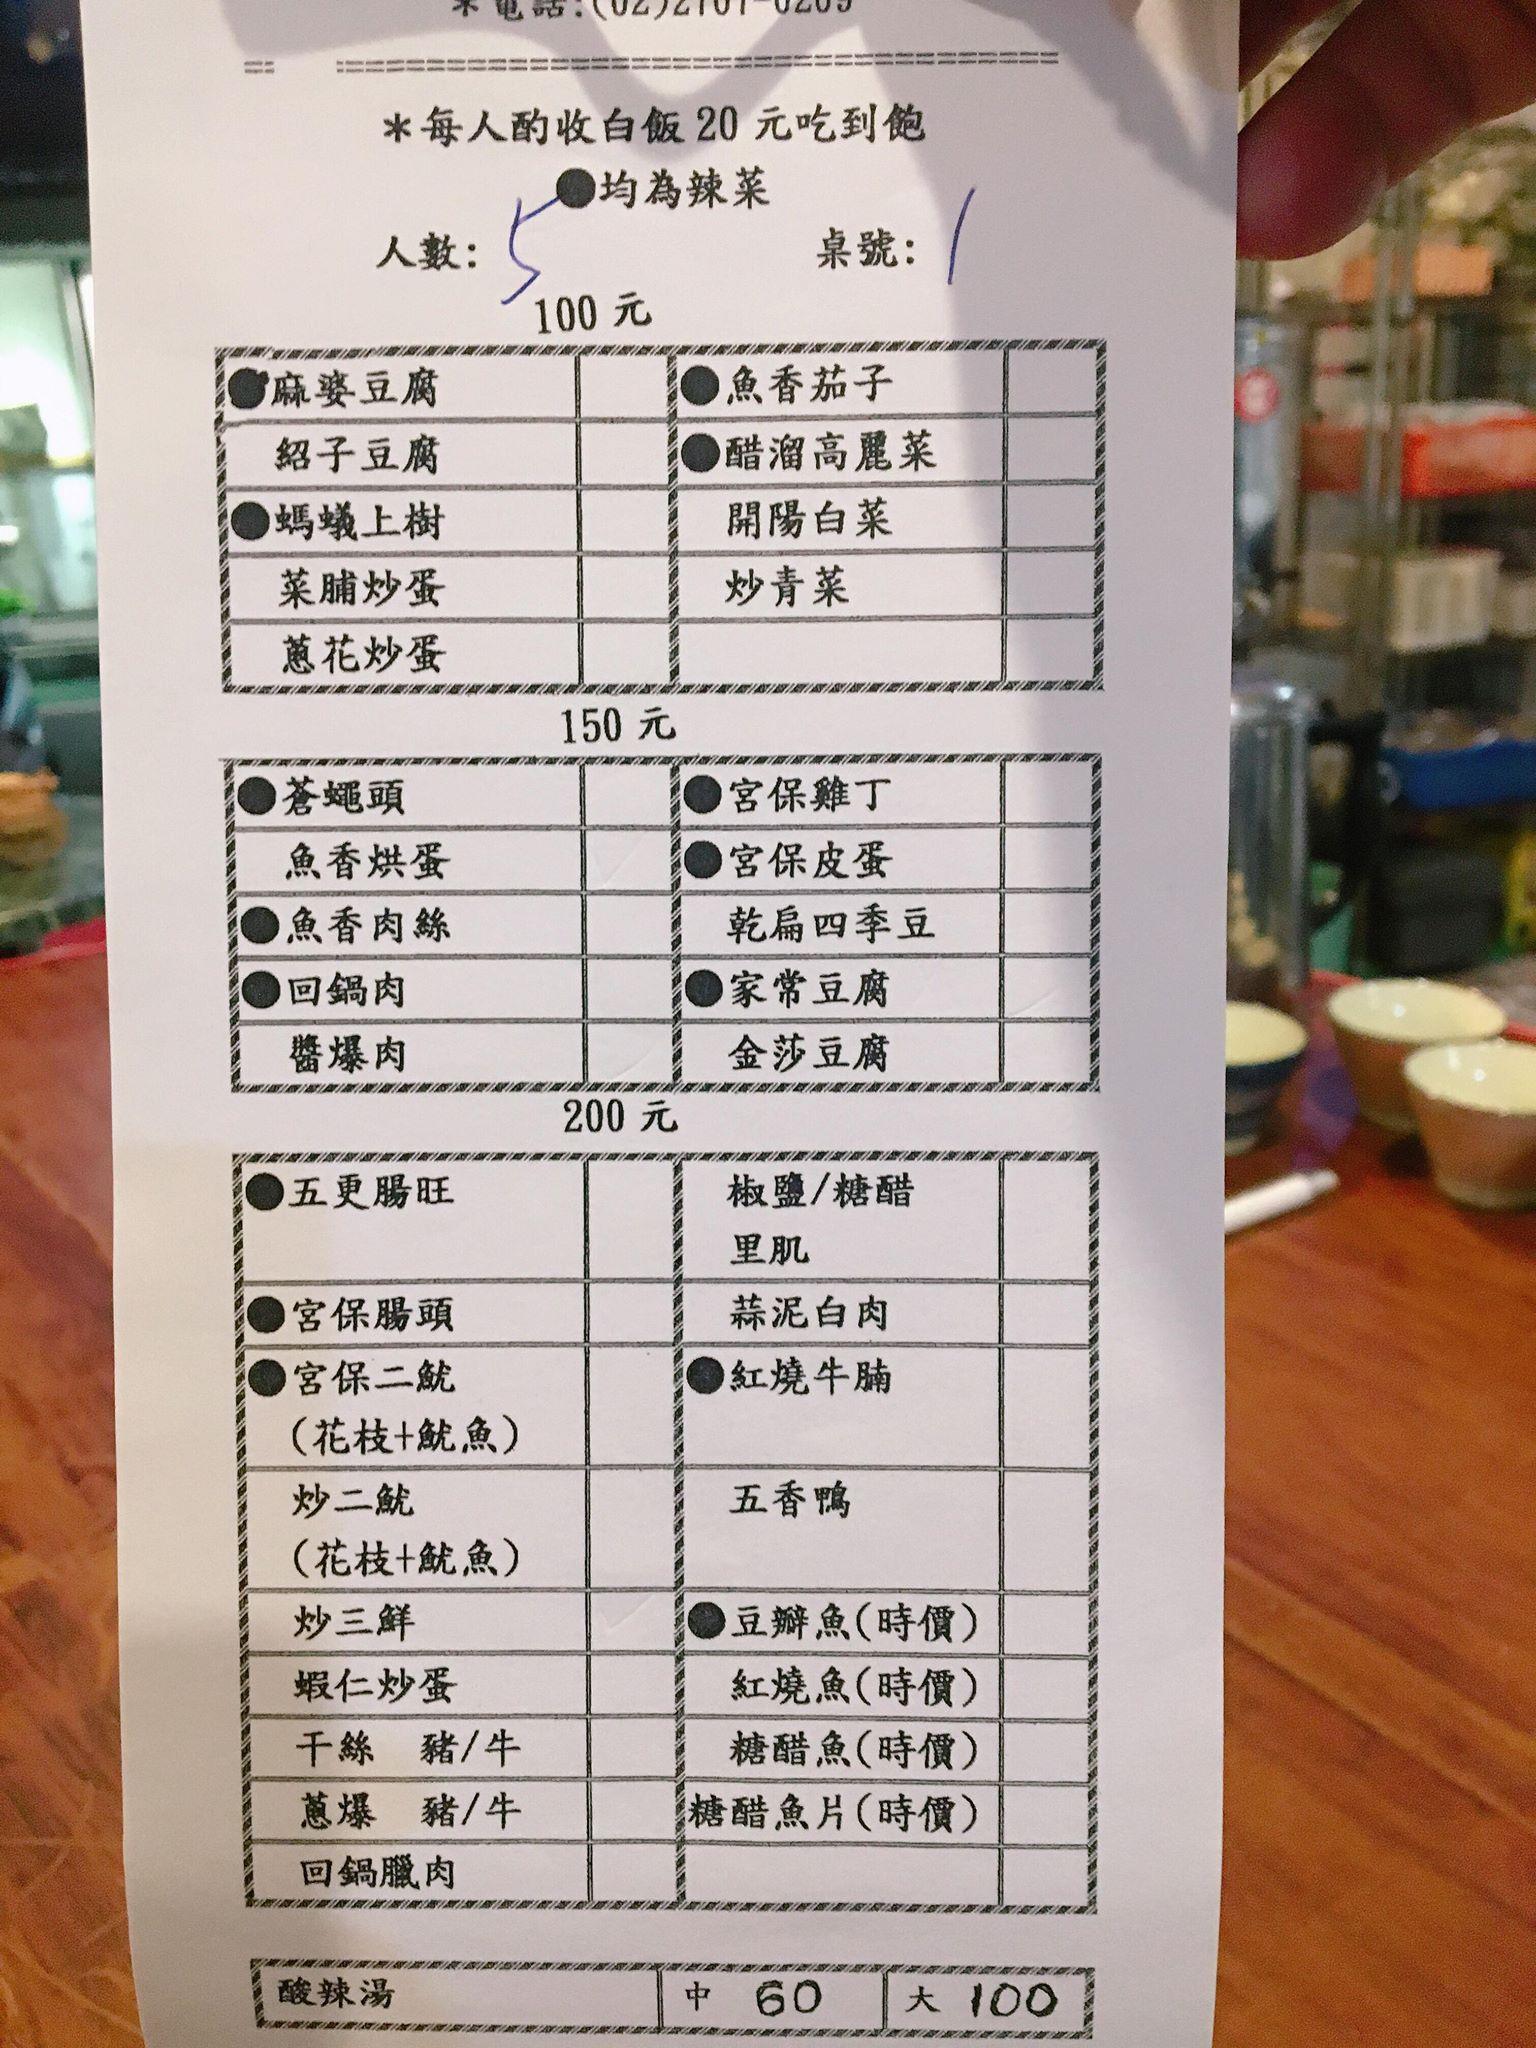 四川蜀渝小吃,清淡版、台灣人也能吃的四川料理